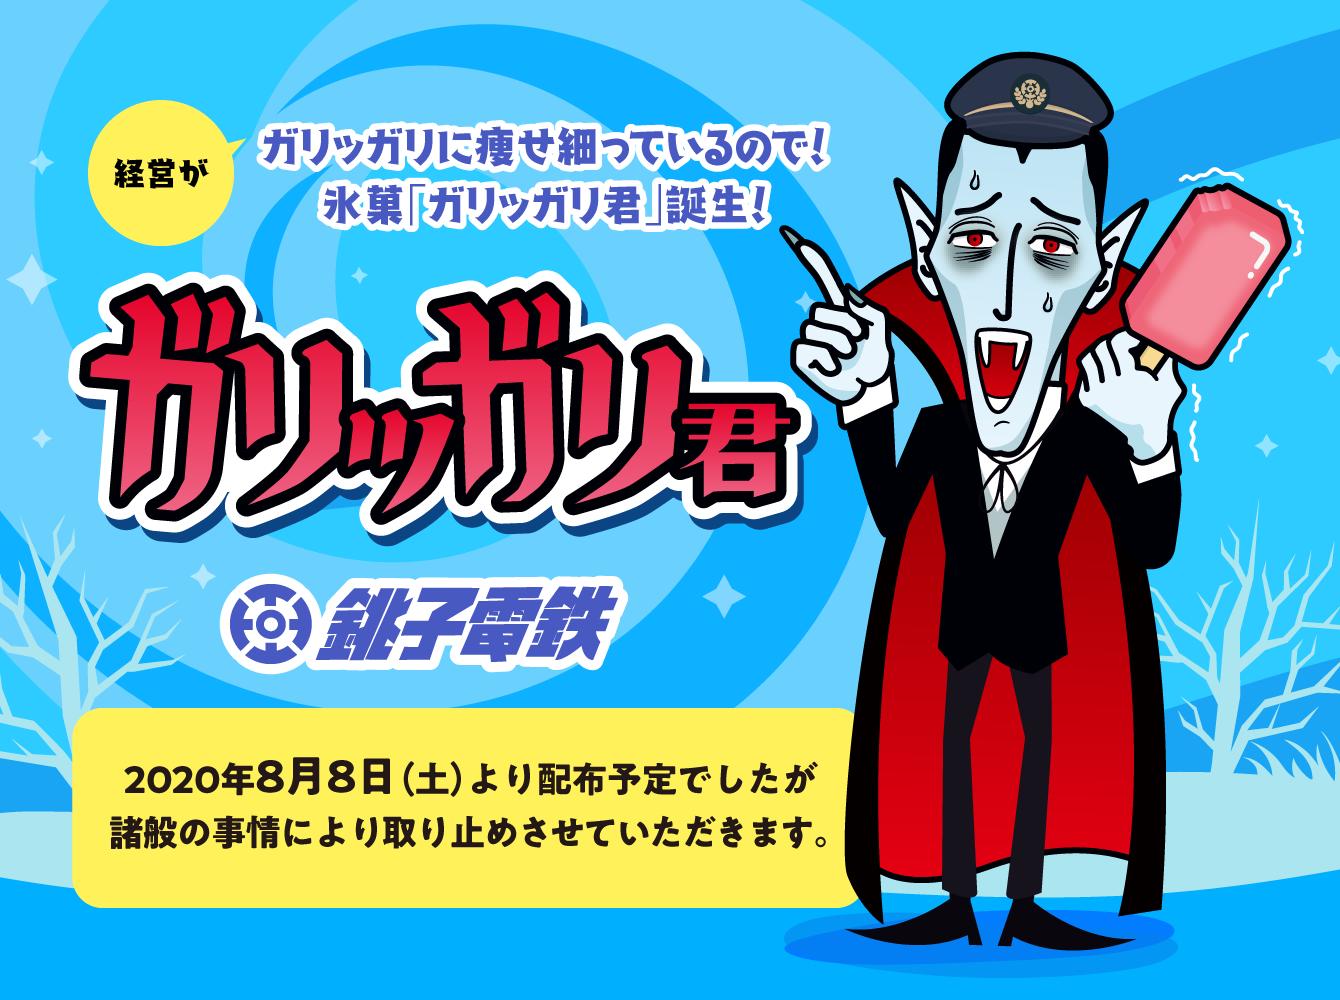 銚子電鉄「ガリッガリ君」公式サイト